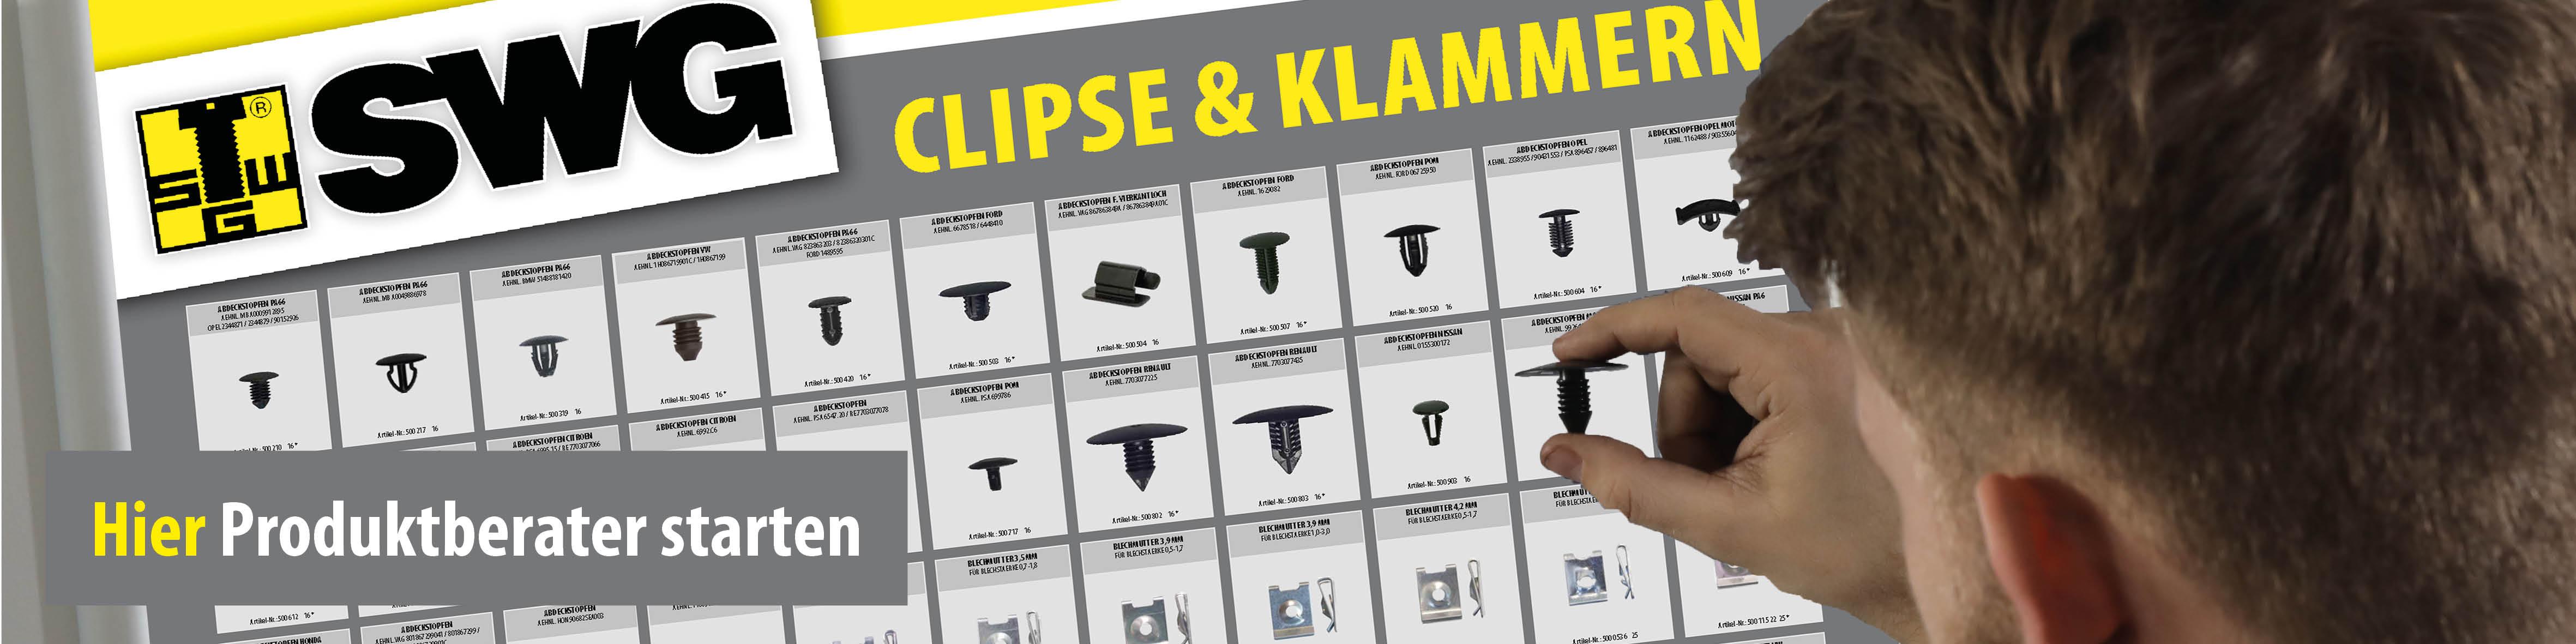 Produktfinder Clipse